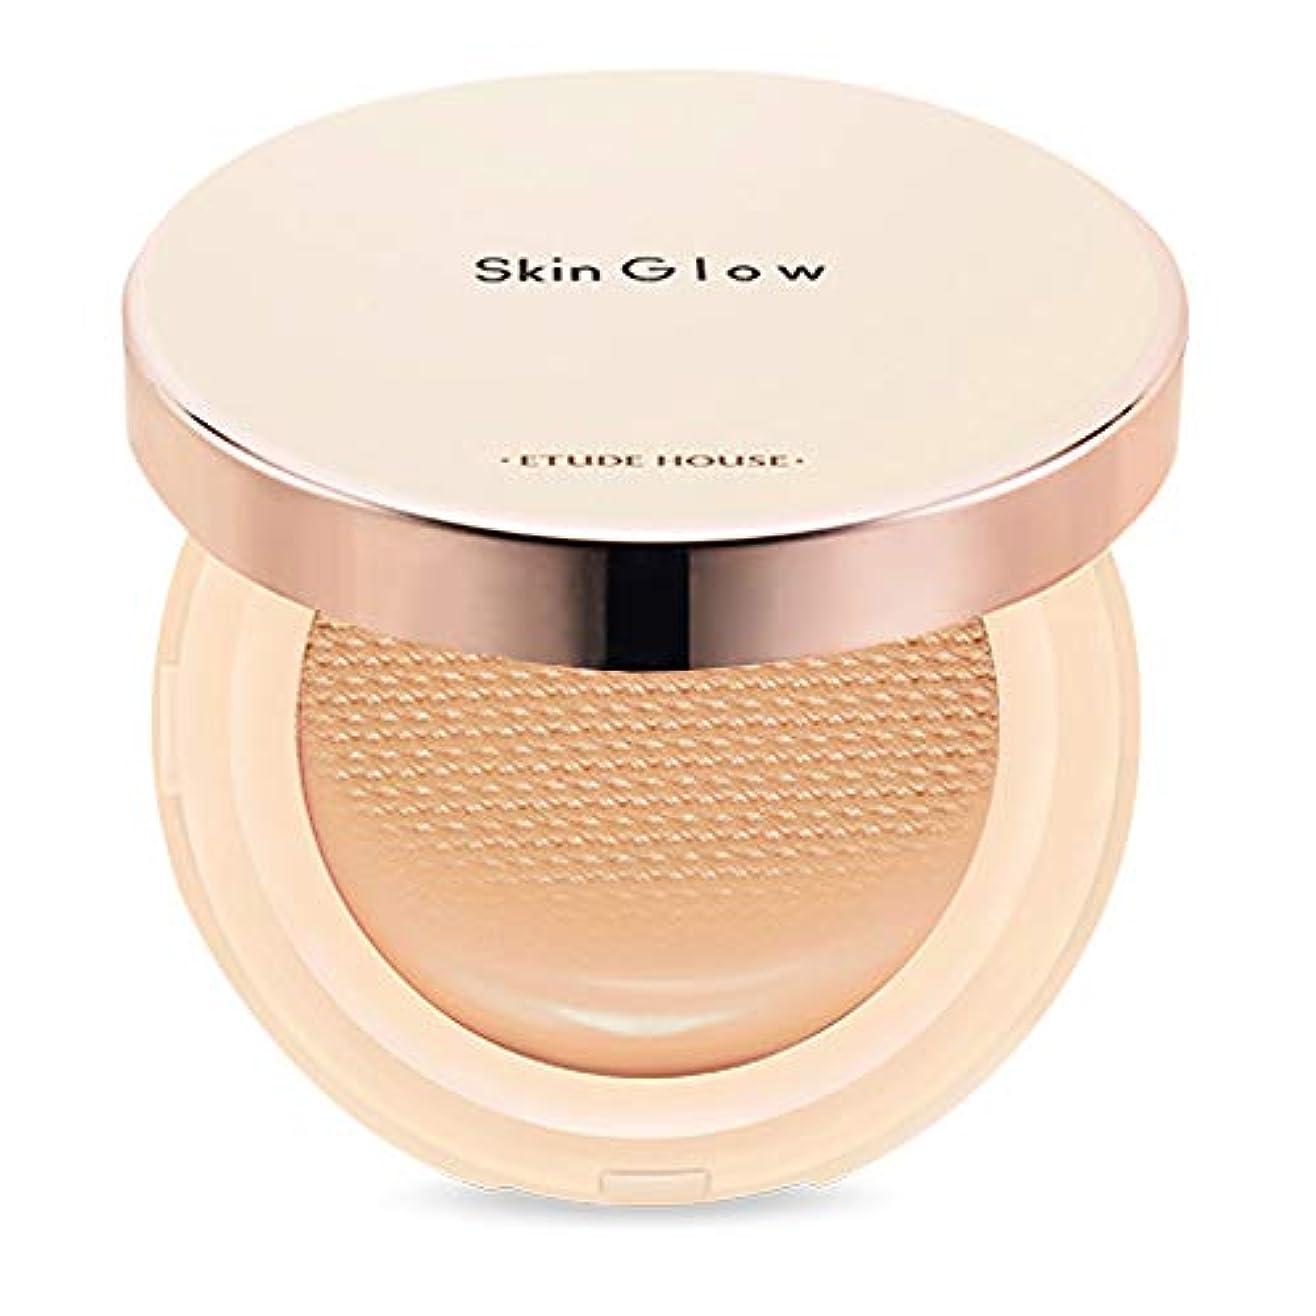 ワードローブオープニングフェザーEtude House Skin Glow Essence Cushion SPF50+/PA++++ エチュードハウス スキン グロー エッセンス クッション (# N05 Sand) [並行輸入品]